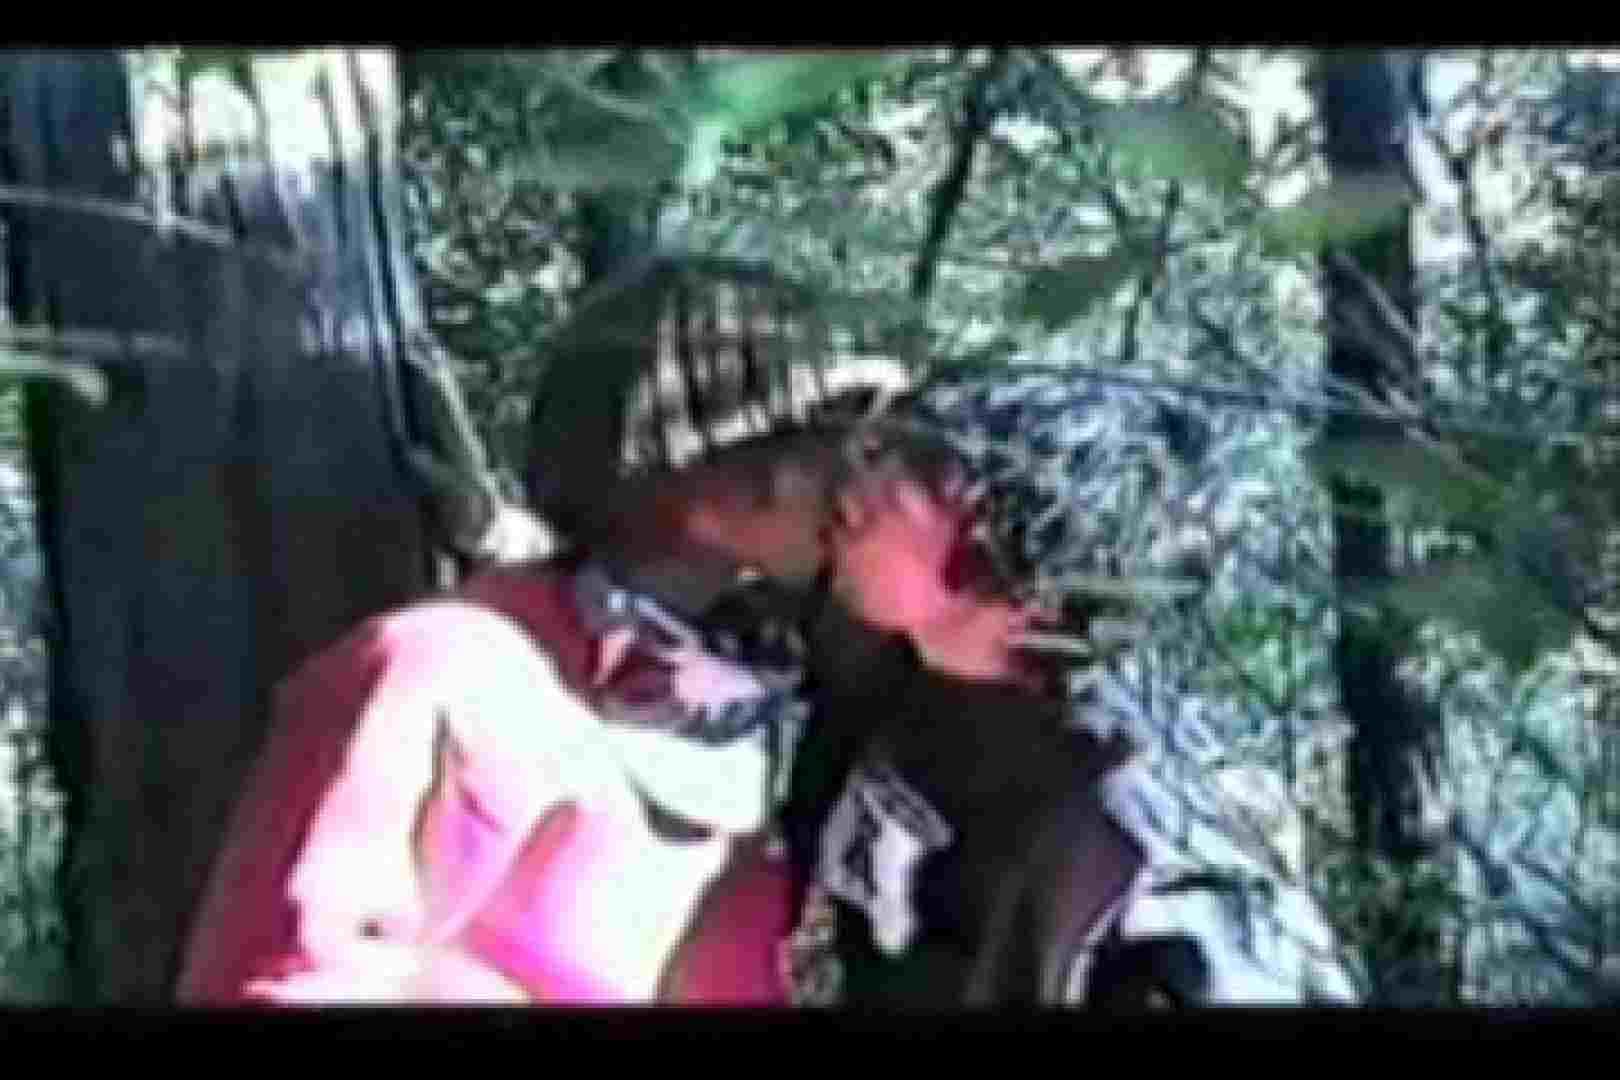 オールドゲイシリーズ  美少年ひかるのオープンファック アナル舐め ゲイ無修正画像 46pic 32